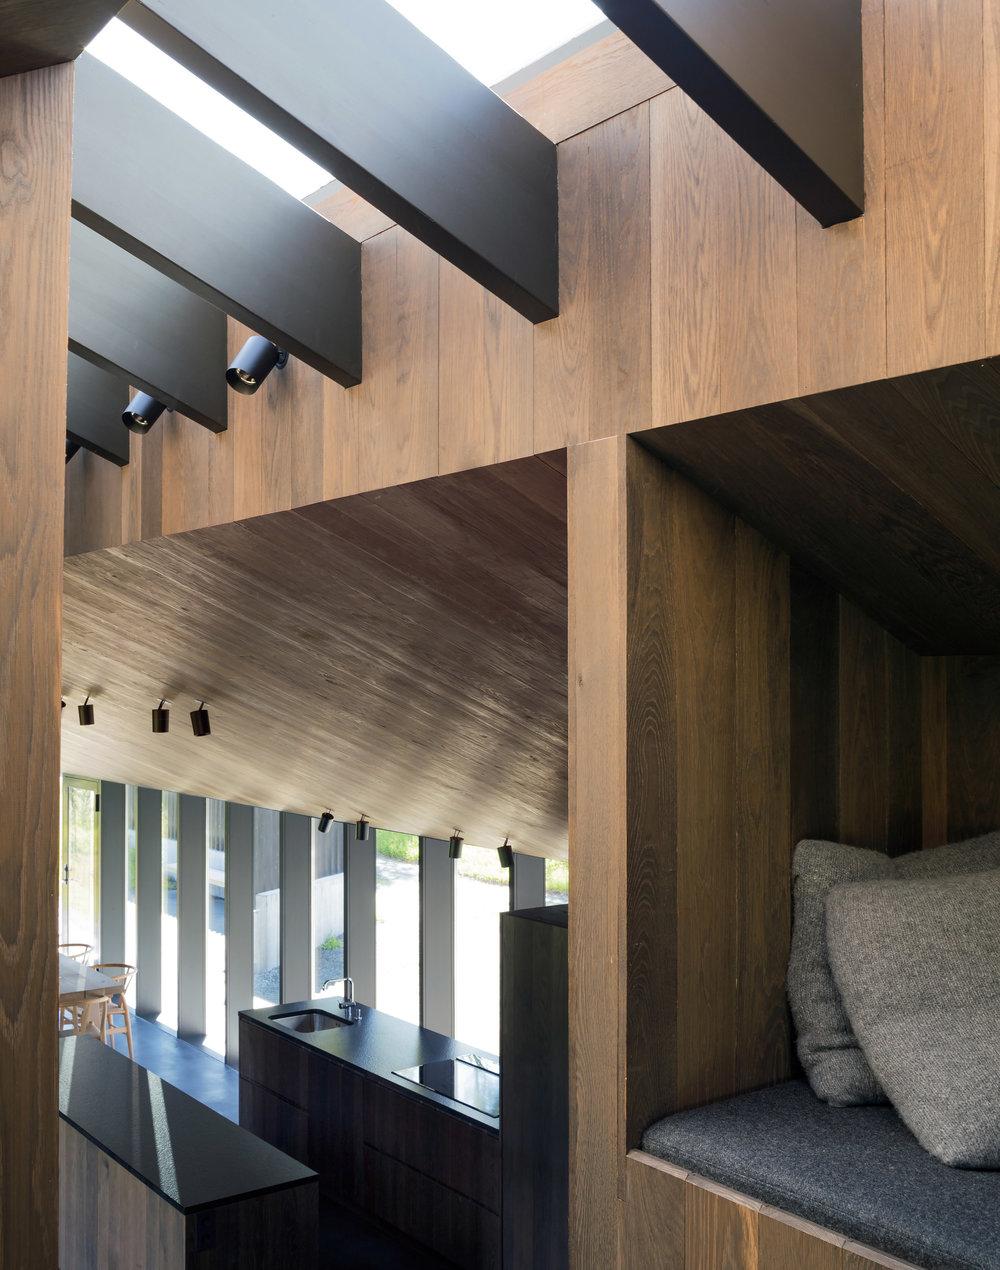 cabin-geilo-norway-lund-hagem-architecture-residential_dezeen_2364_col_4.jpg